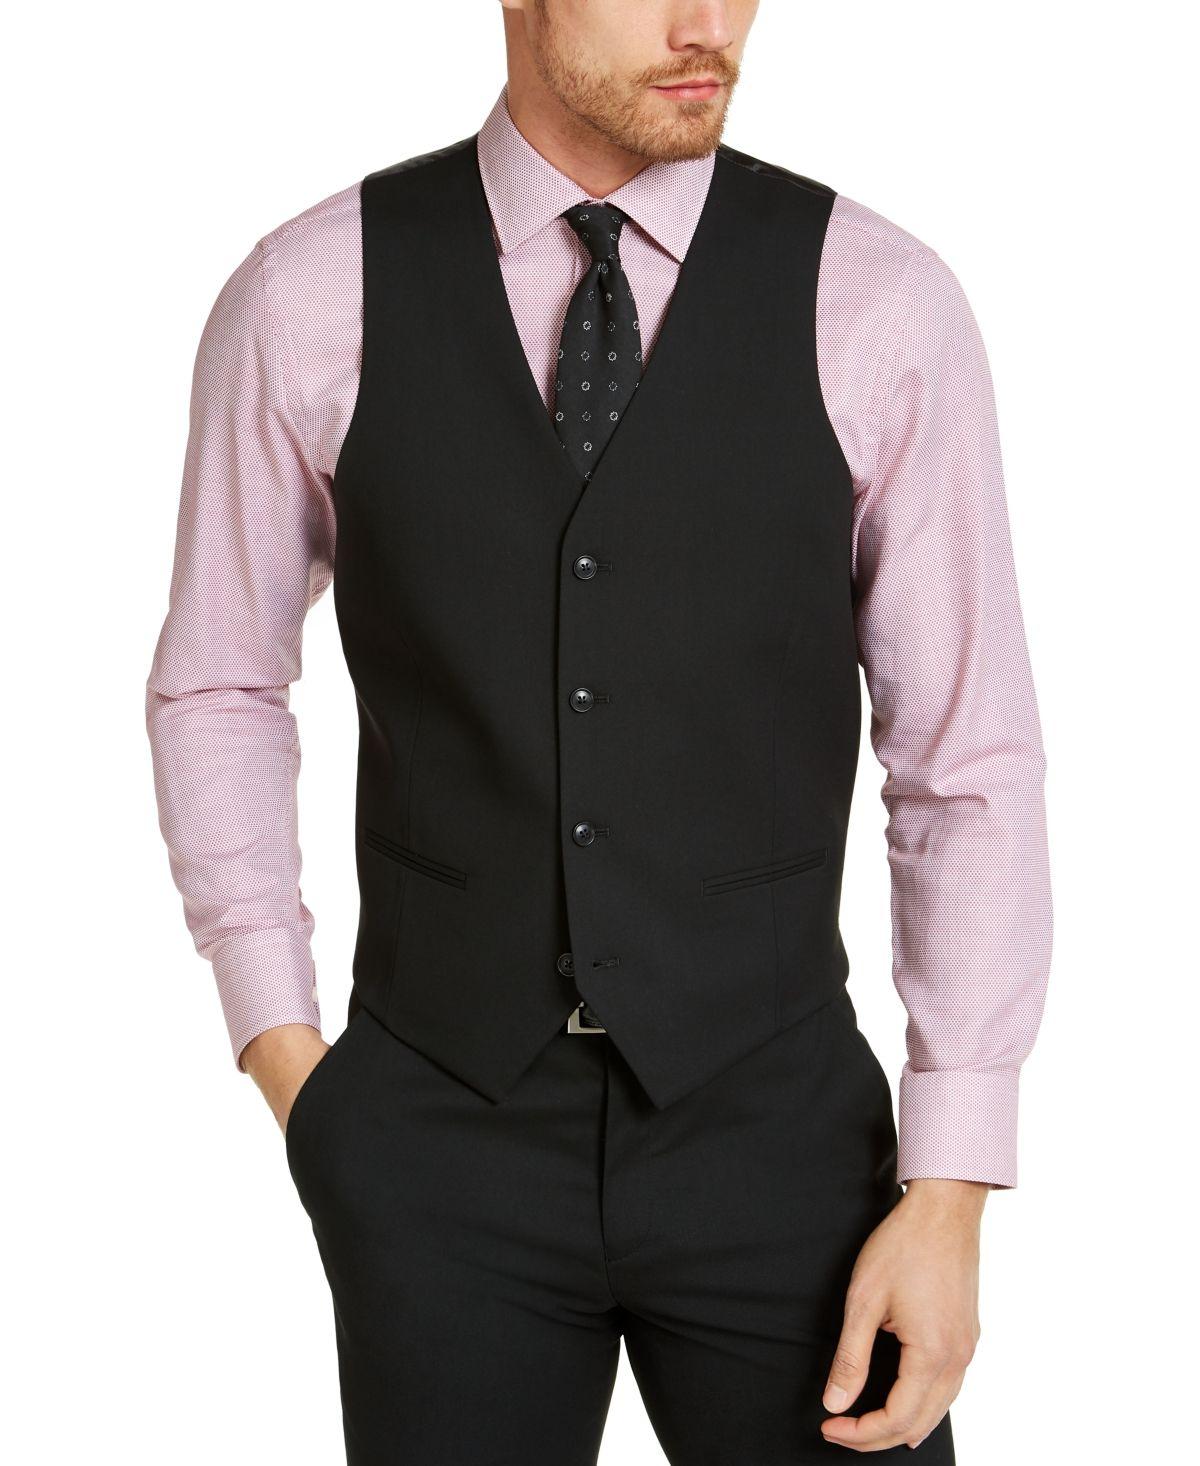 Alfani Men S Slim Fit Stretch Solid Suit Vest Created For Macy S Reviews Suits Tuxedos Men Macy S In 2021 Mens Vest Fashion Men Vest Outfits Vest Outfits Men [ 1466 x 1200 Pixel ]